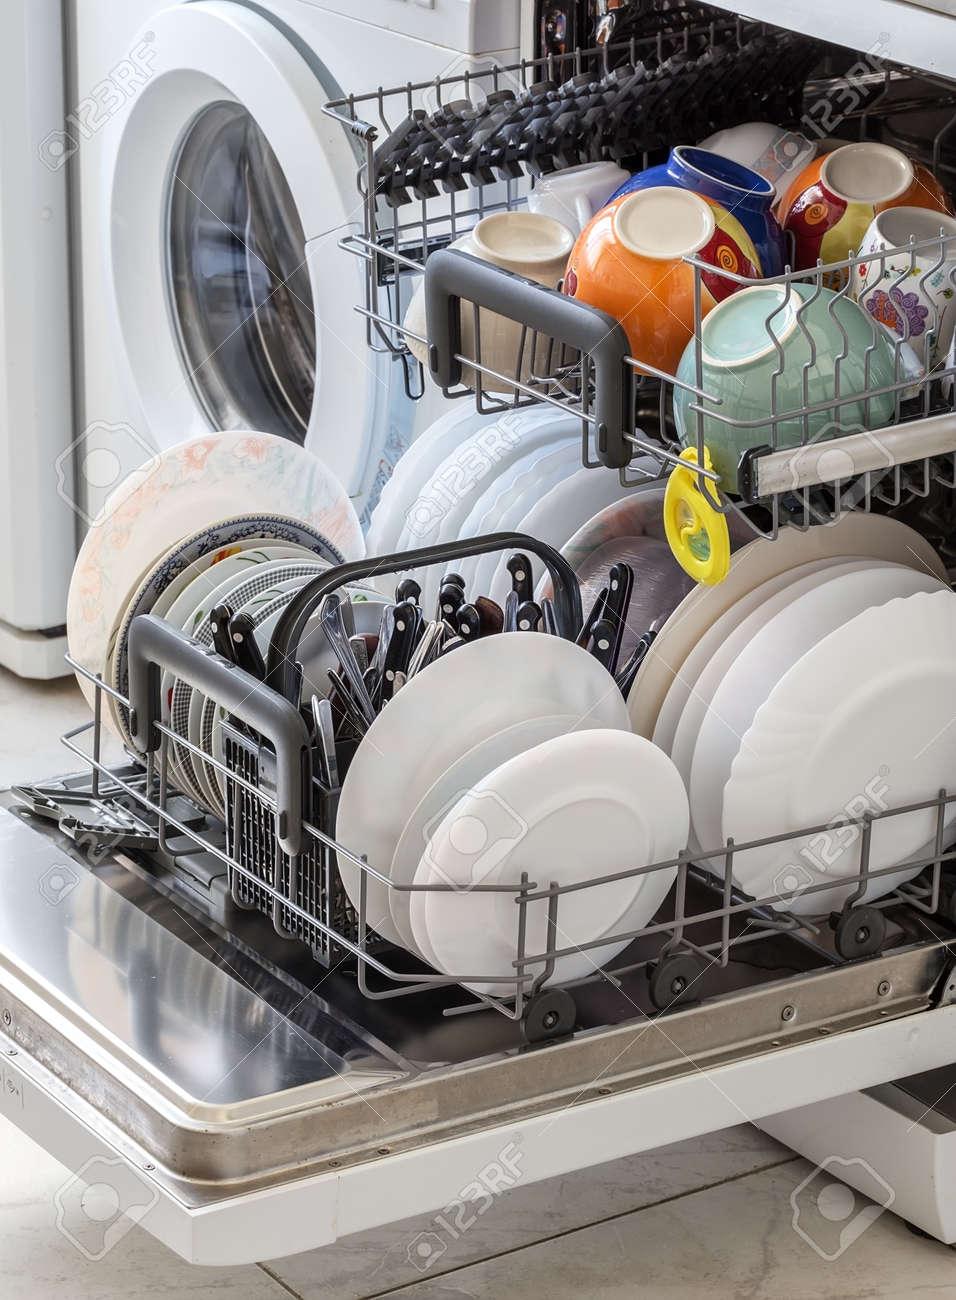 Reinigen Sie Das Geschirr Nach Dem Waschen In Der Spulmaschine